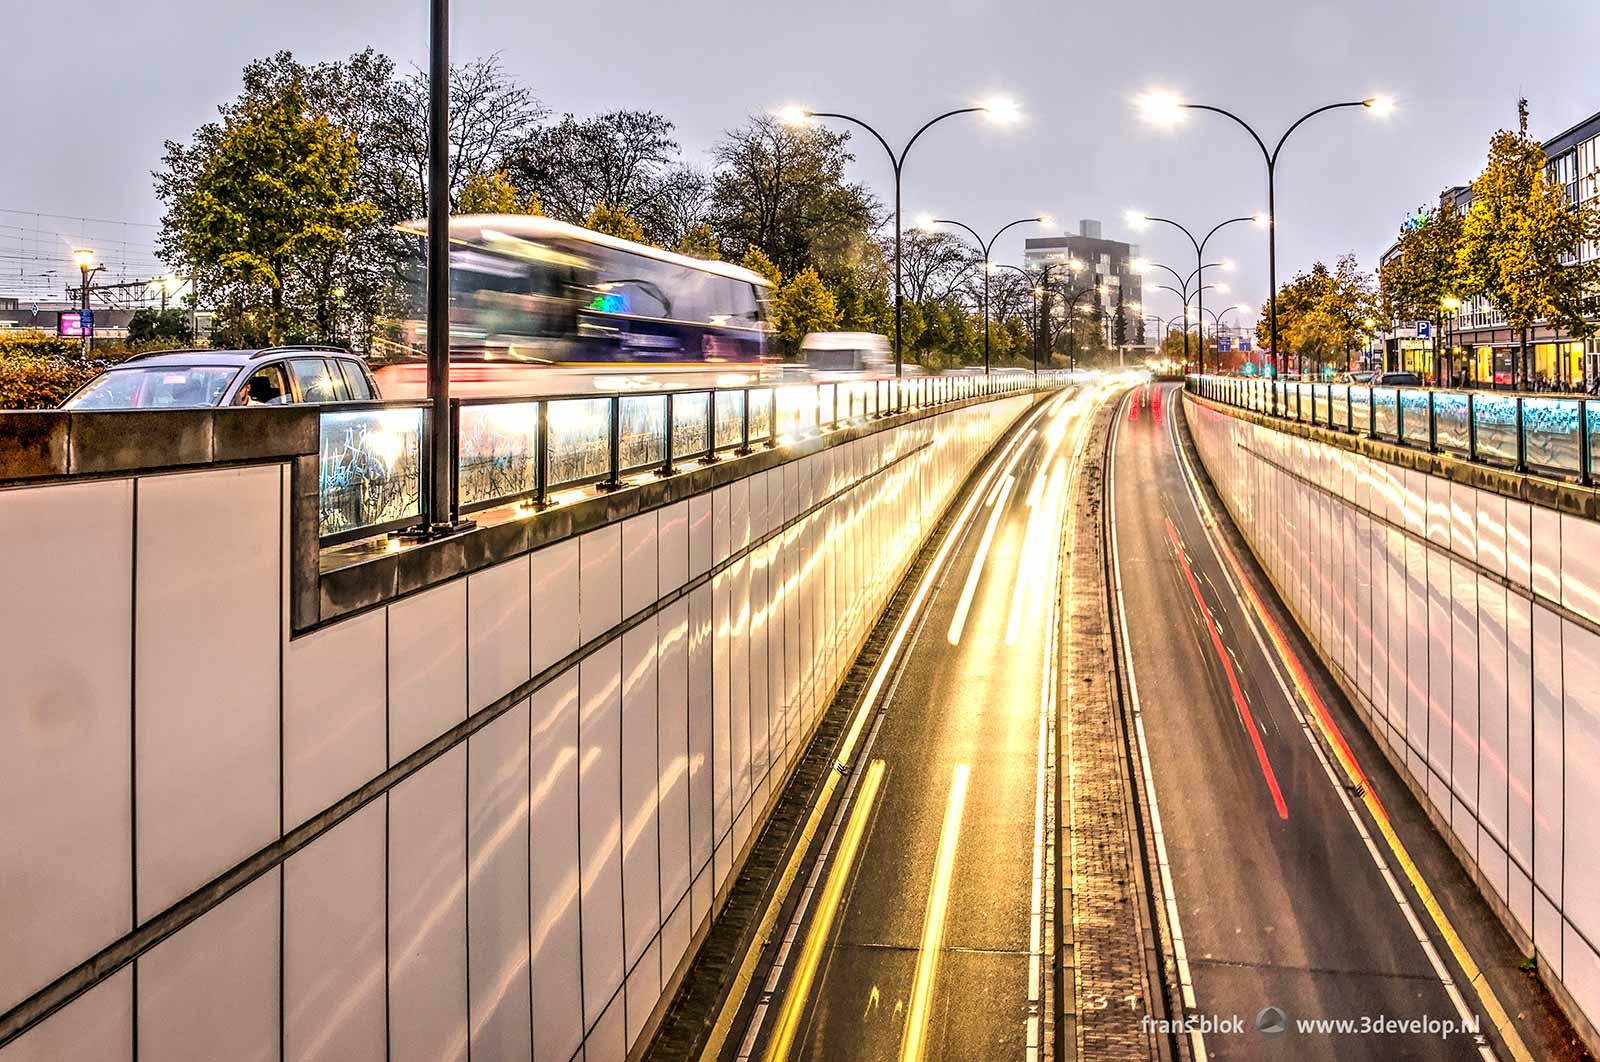 Lichtstrepen van auto's in de onderdoorgang onder het Koninginneplein in Venlo bij avond met langzaamrijdend verkeer naast de tunnel.